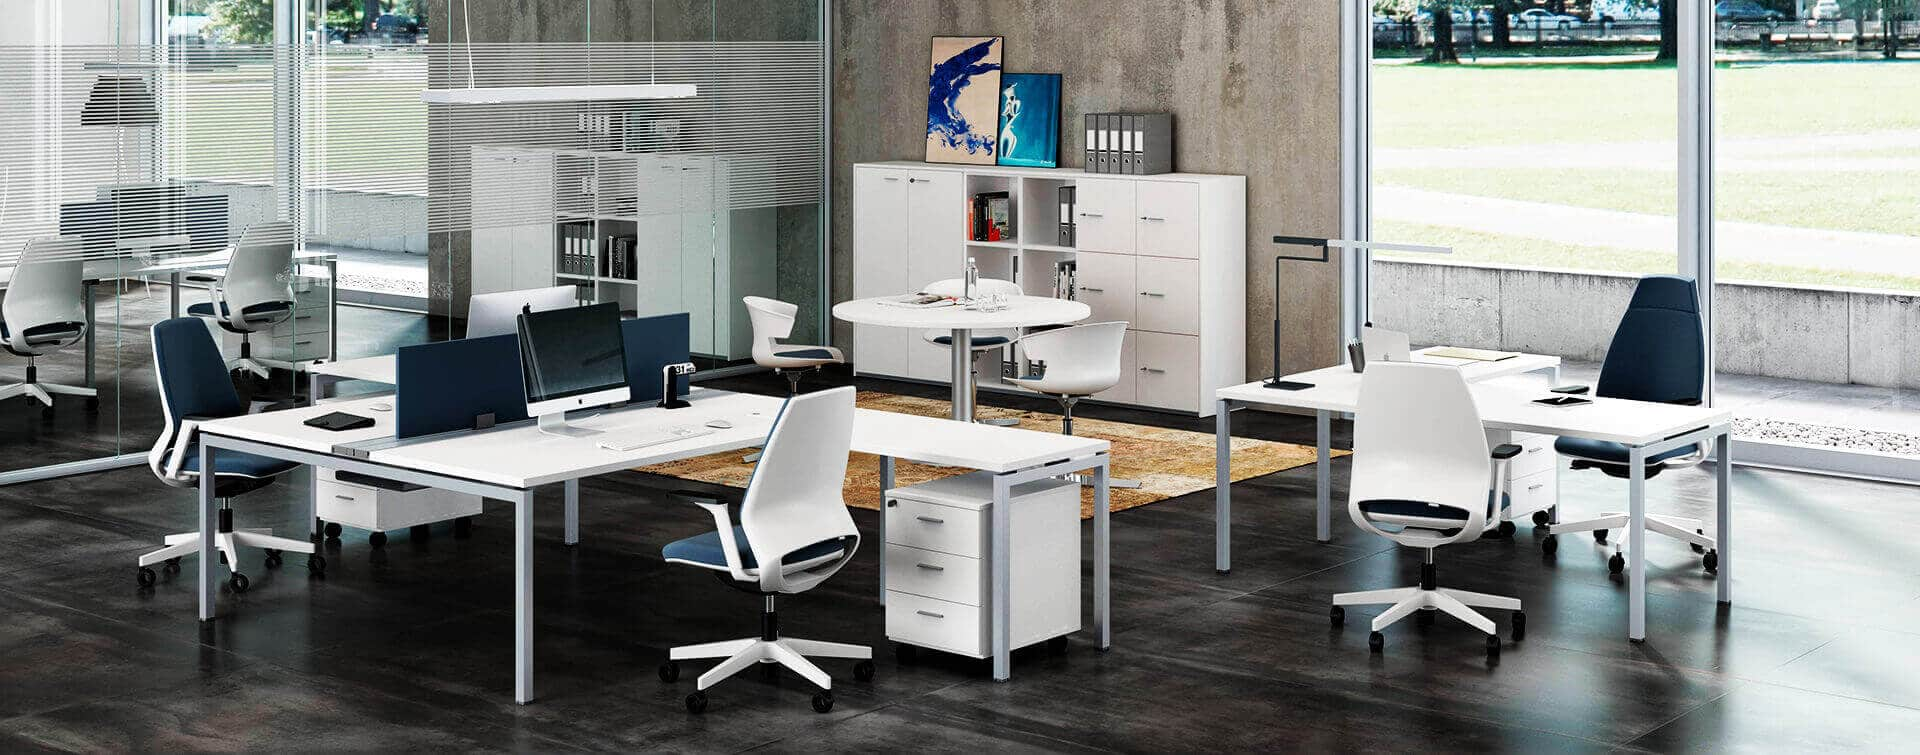 Ambiente oficina positivo para mejorar rendimiento trabajadores